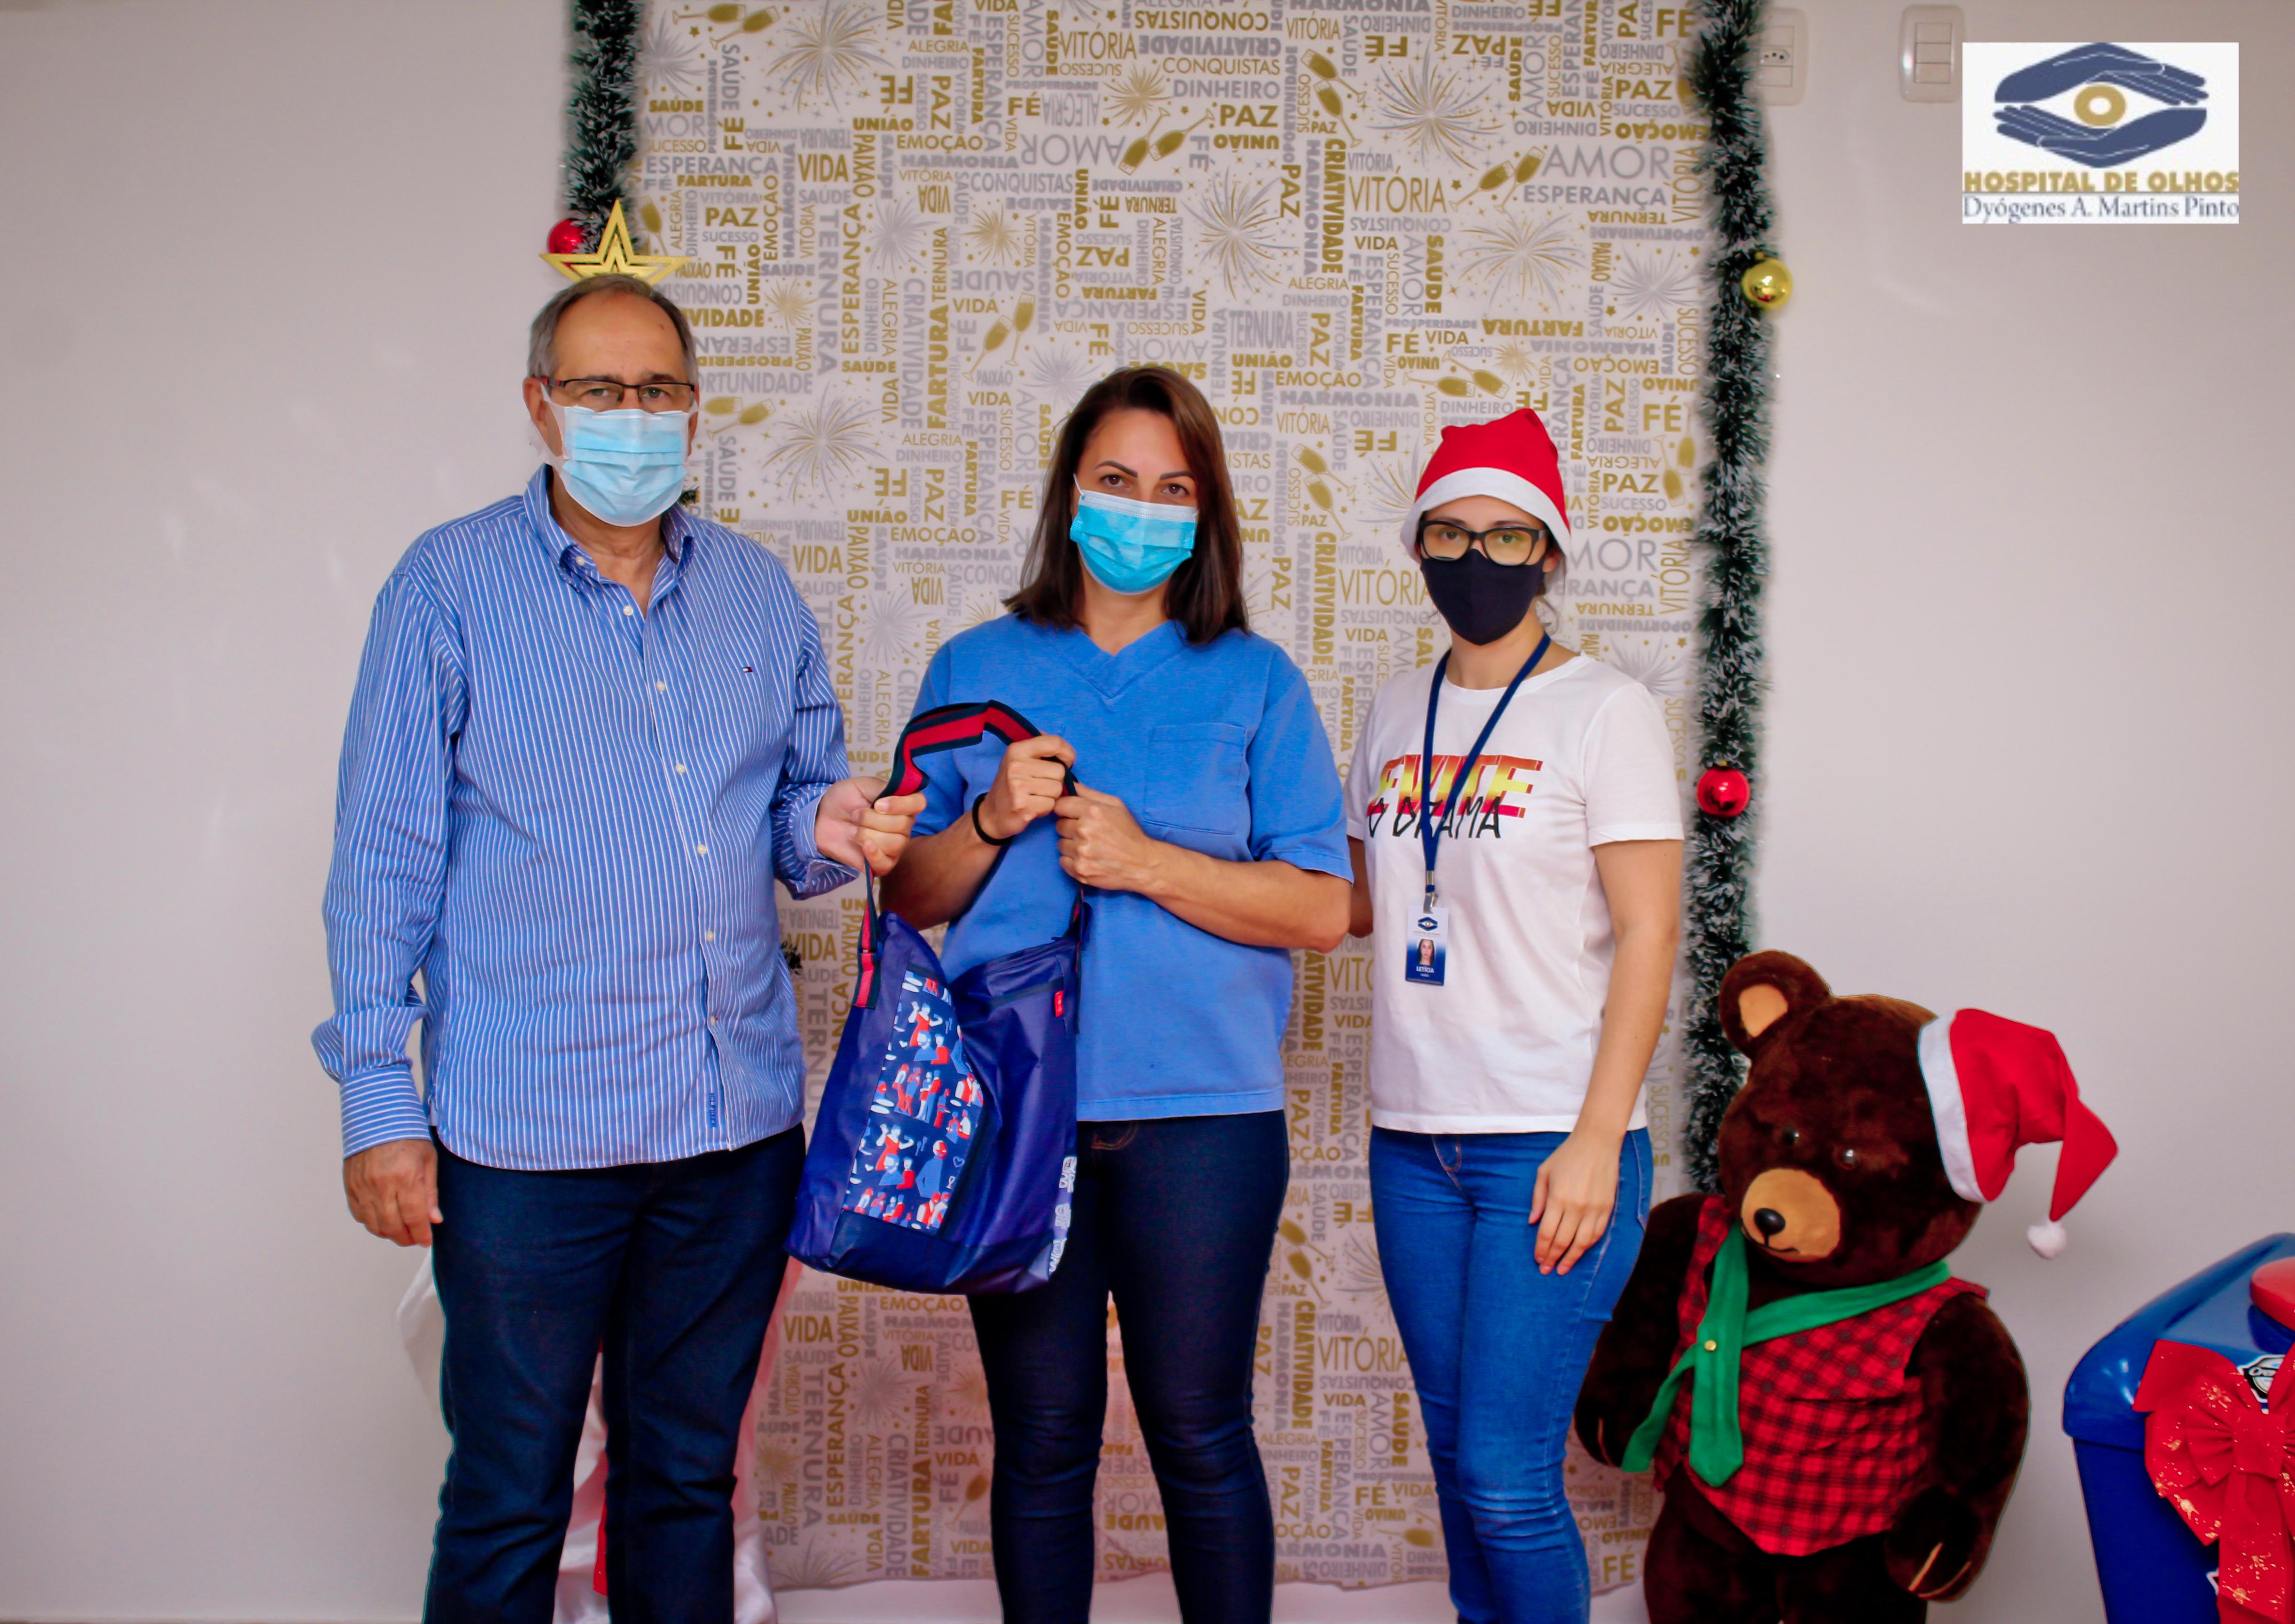 Entrega de aves natalinas marca encerramento de 2020 no Hospital de Olhos Lions